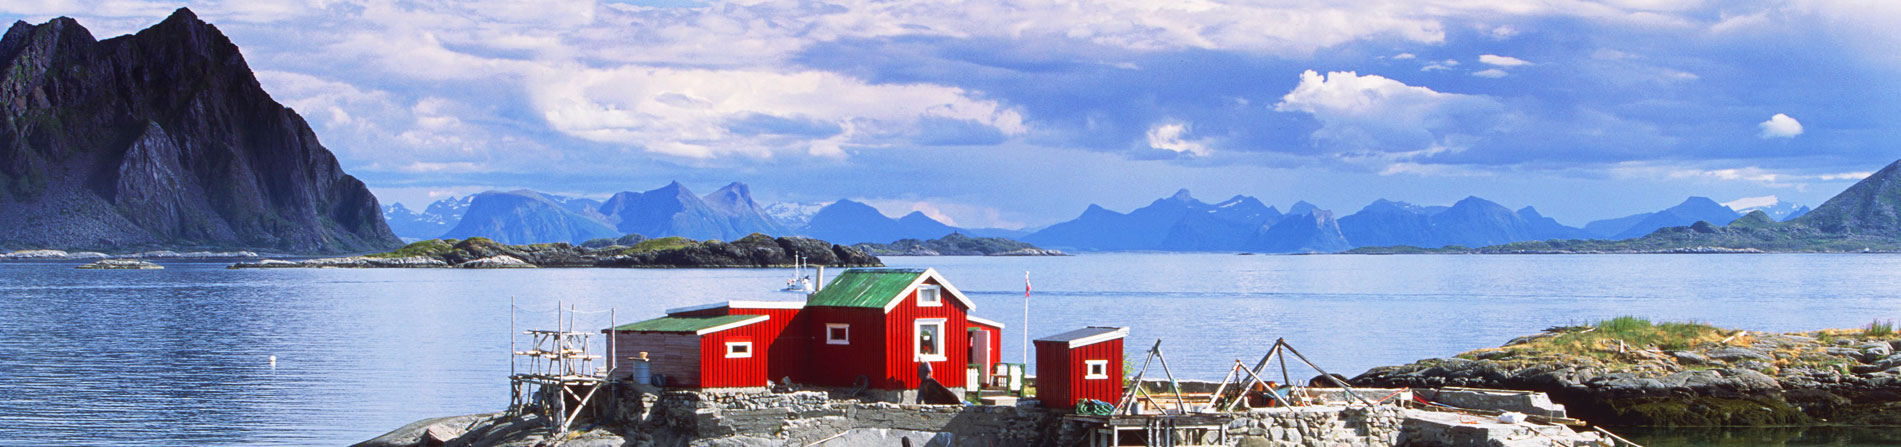 Norwegen – durch die Fjorde in die Arktis 01